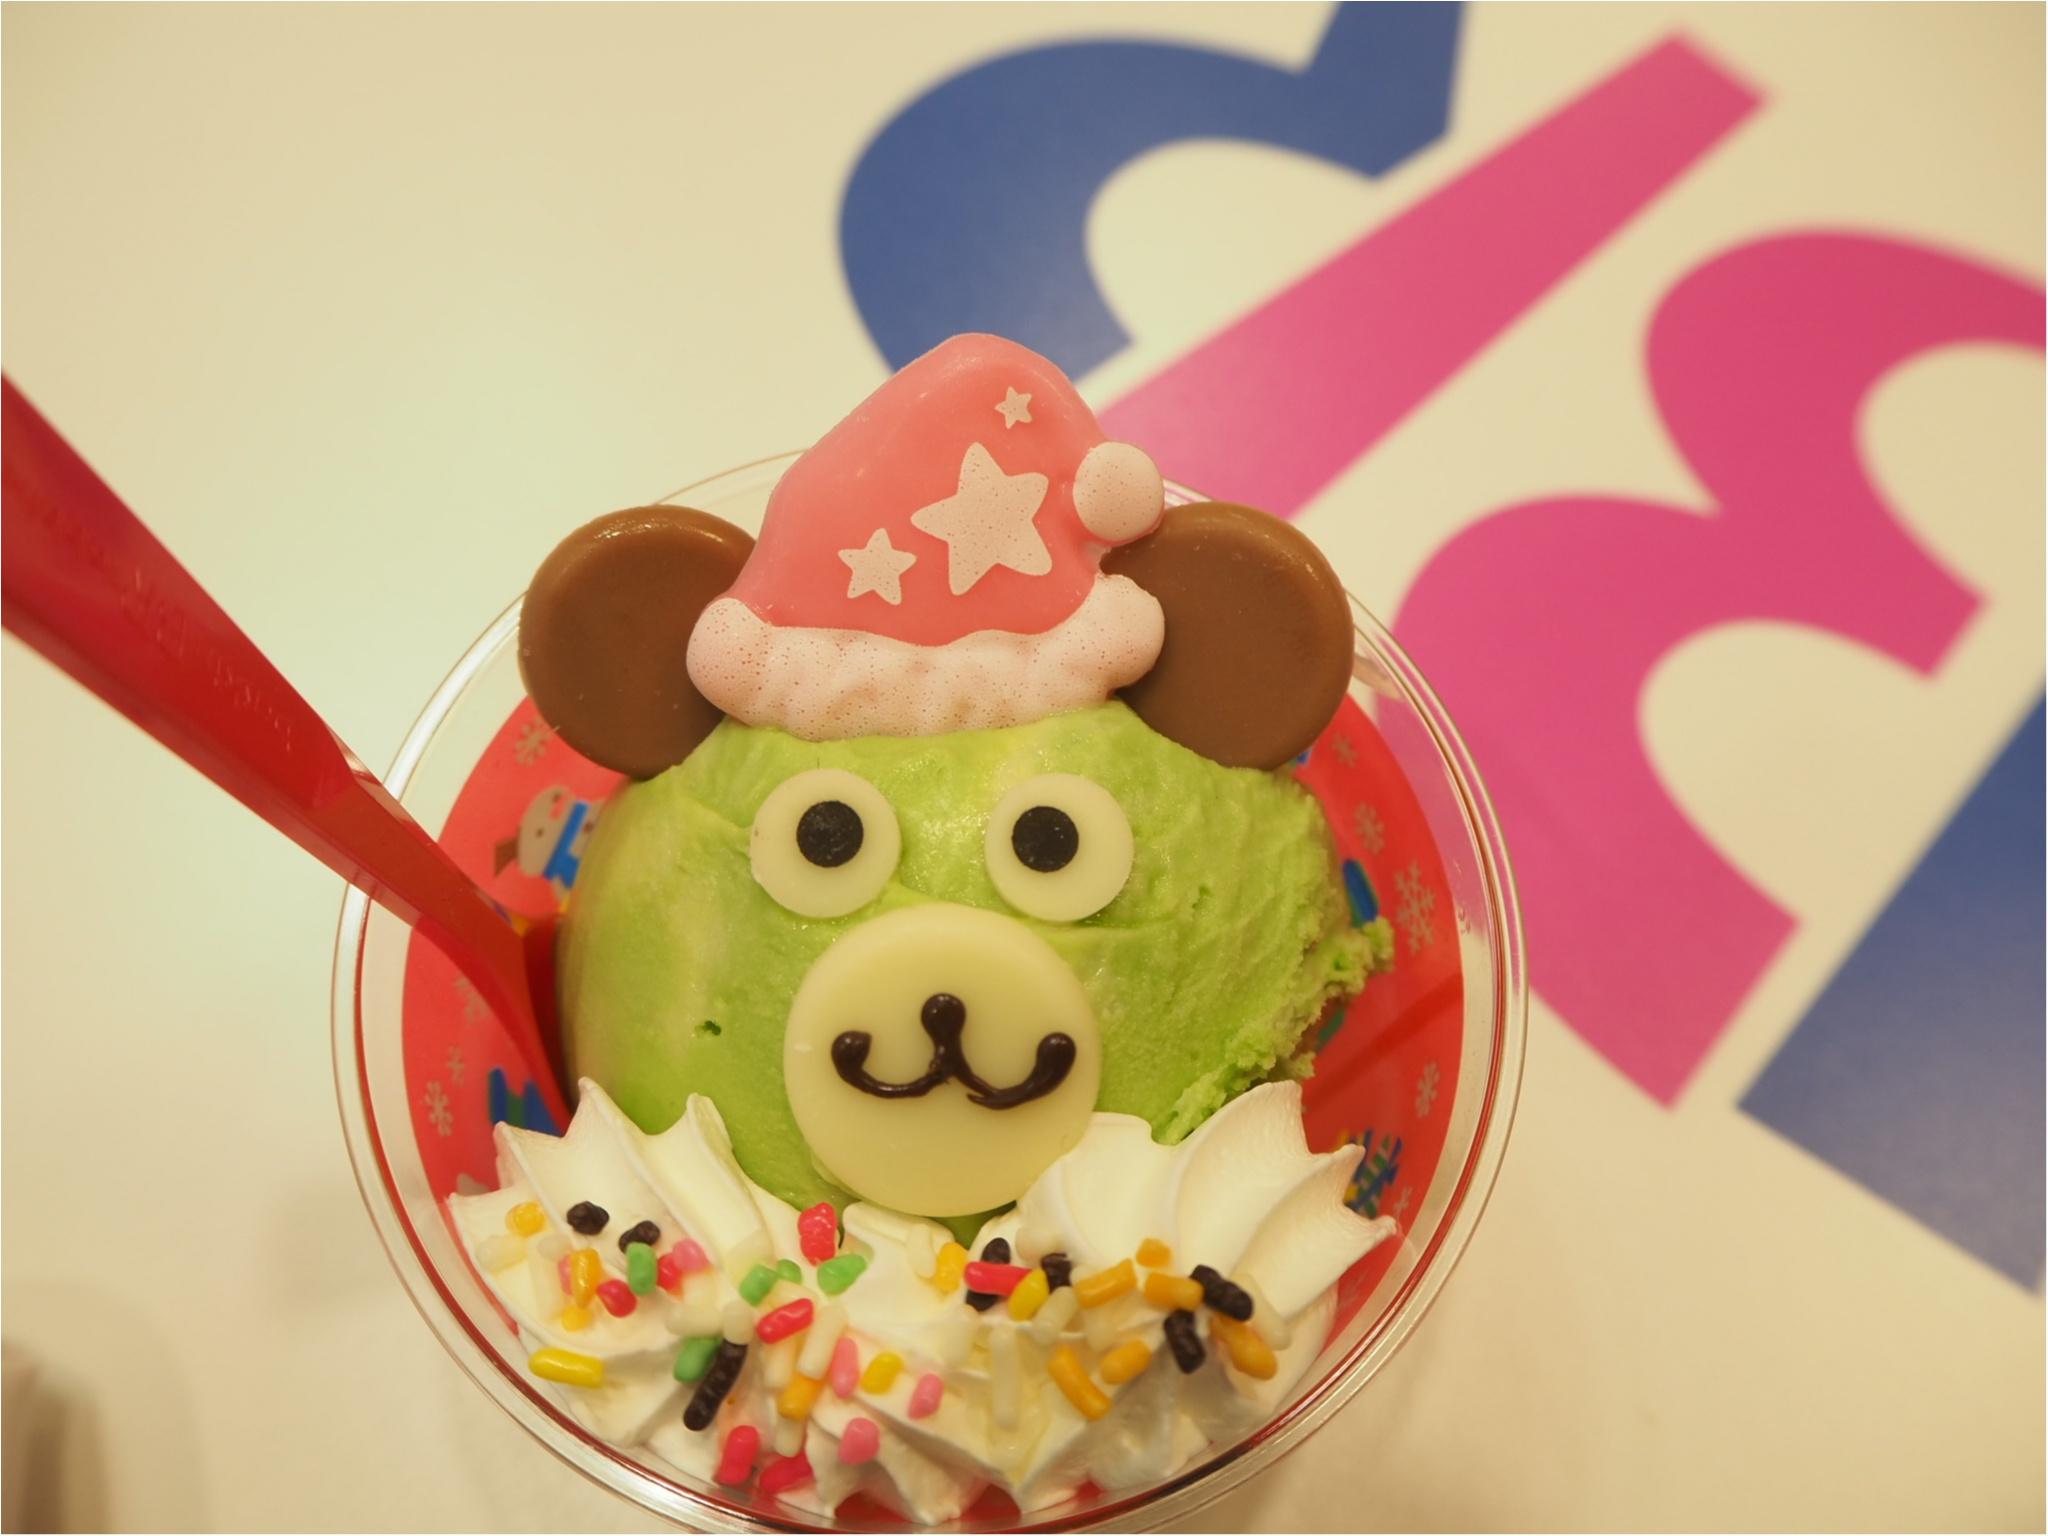 サーティワンアイスクリームから「クリスマス仕様のハッピードール」が登場!好きなアイスを選んで自分らしいオリジナルな1品を・・_5